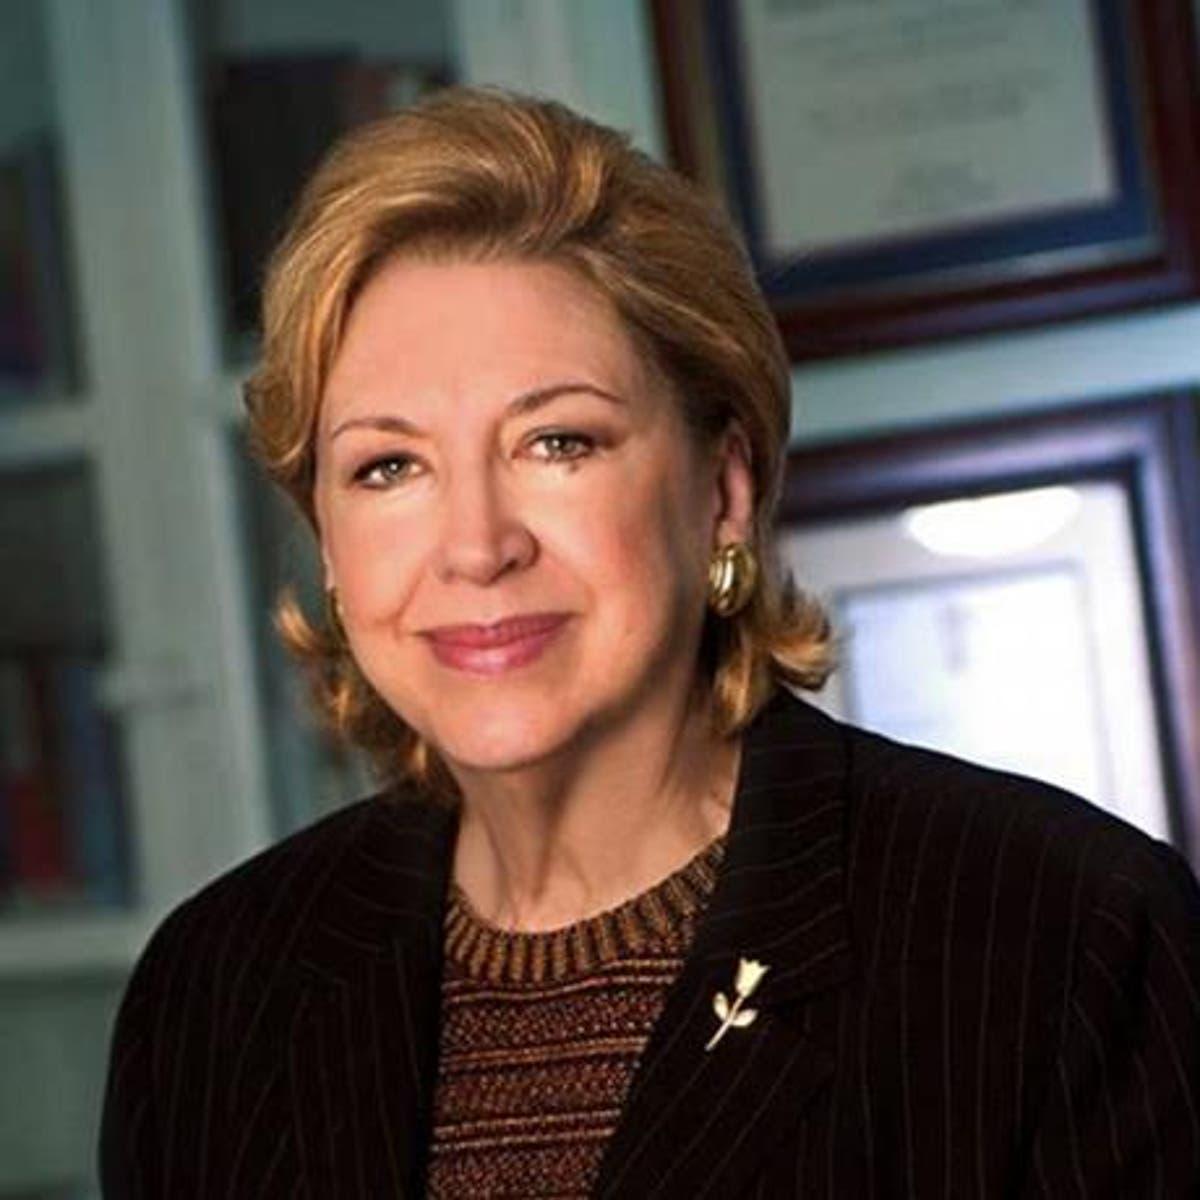 Fallece Margarita Copello, expresidenta de la Fundación Sinfonía